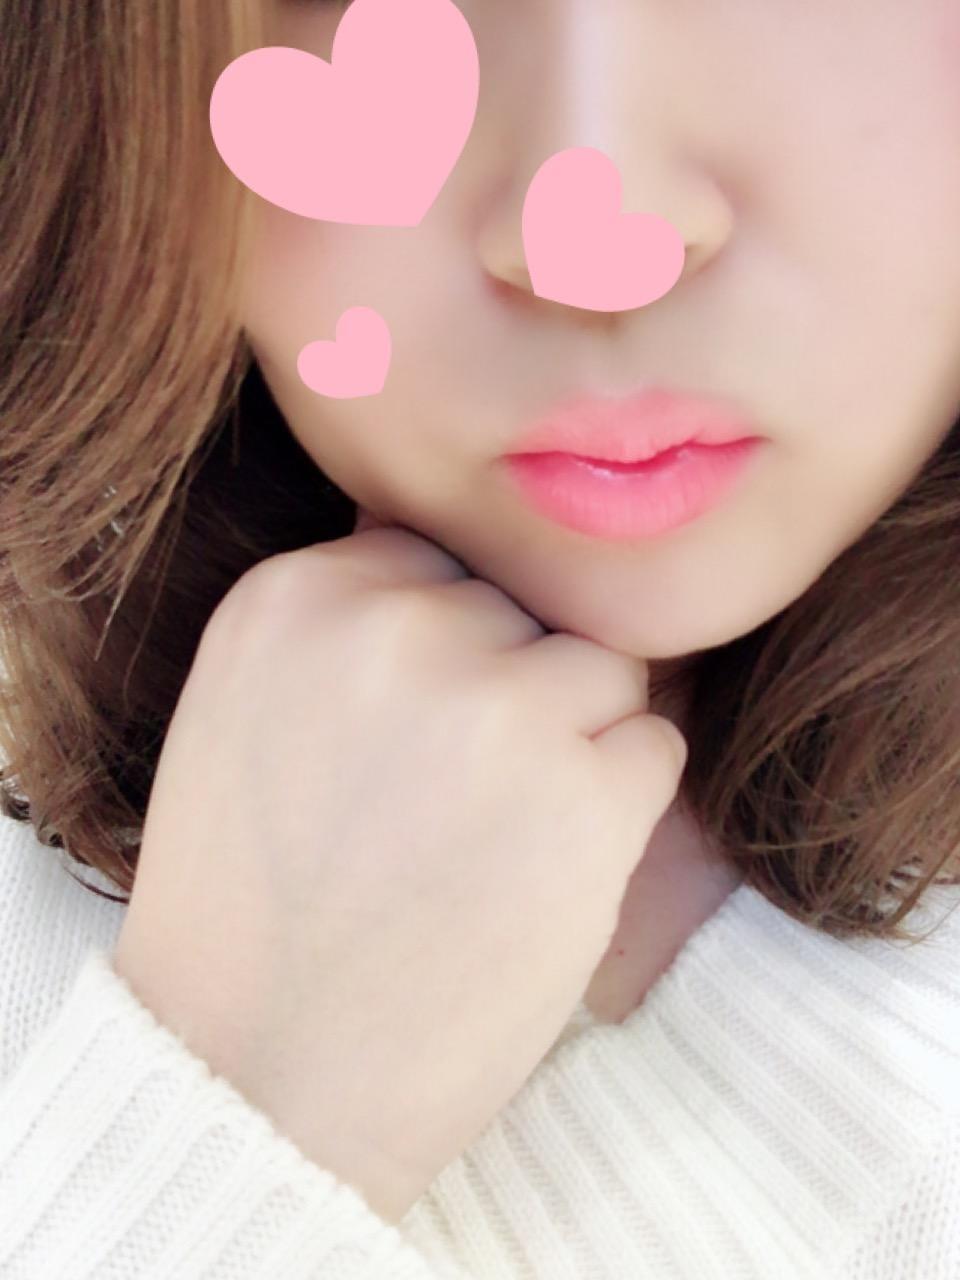 「理子です」11/20(火) 15:45 | 理子の写メ・風俗動画